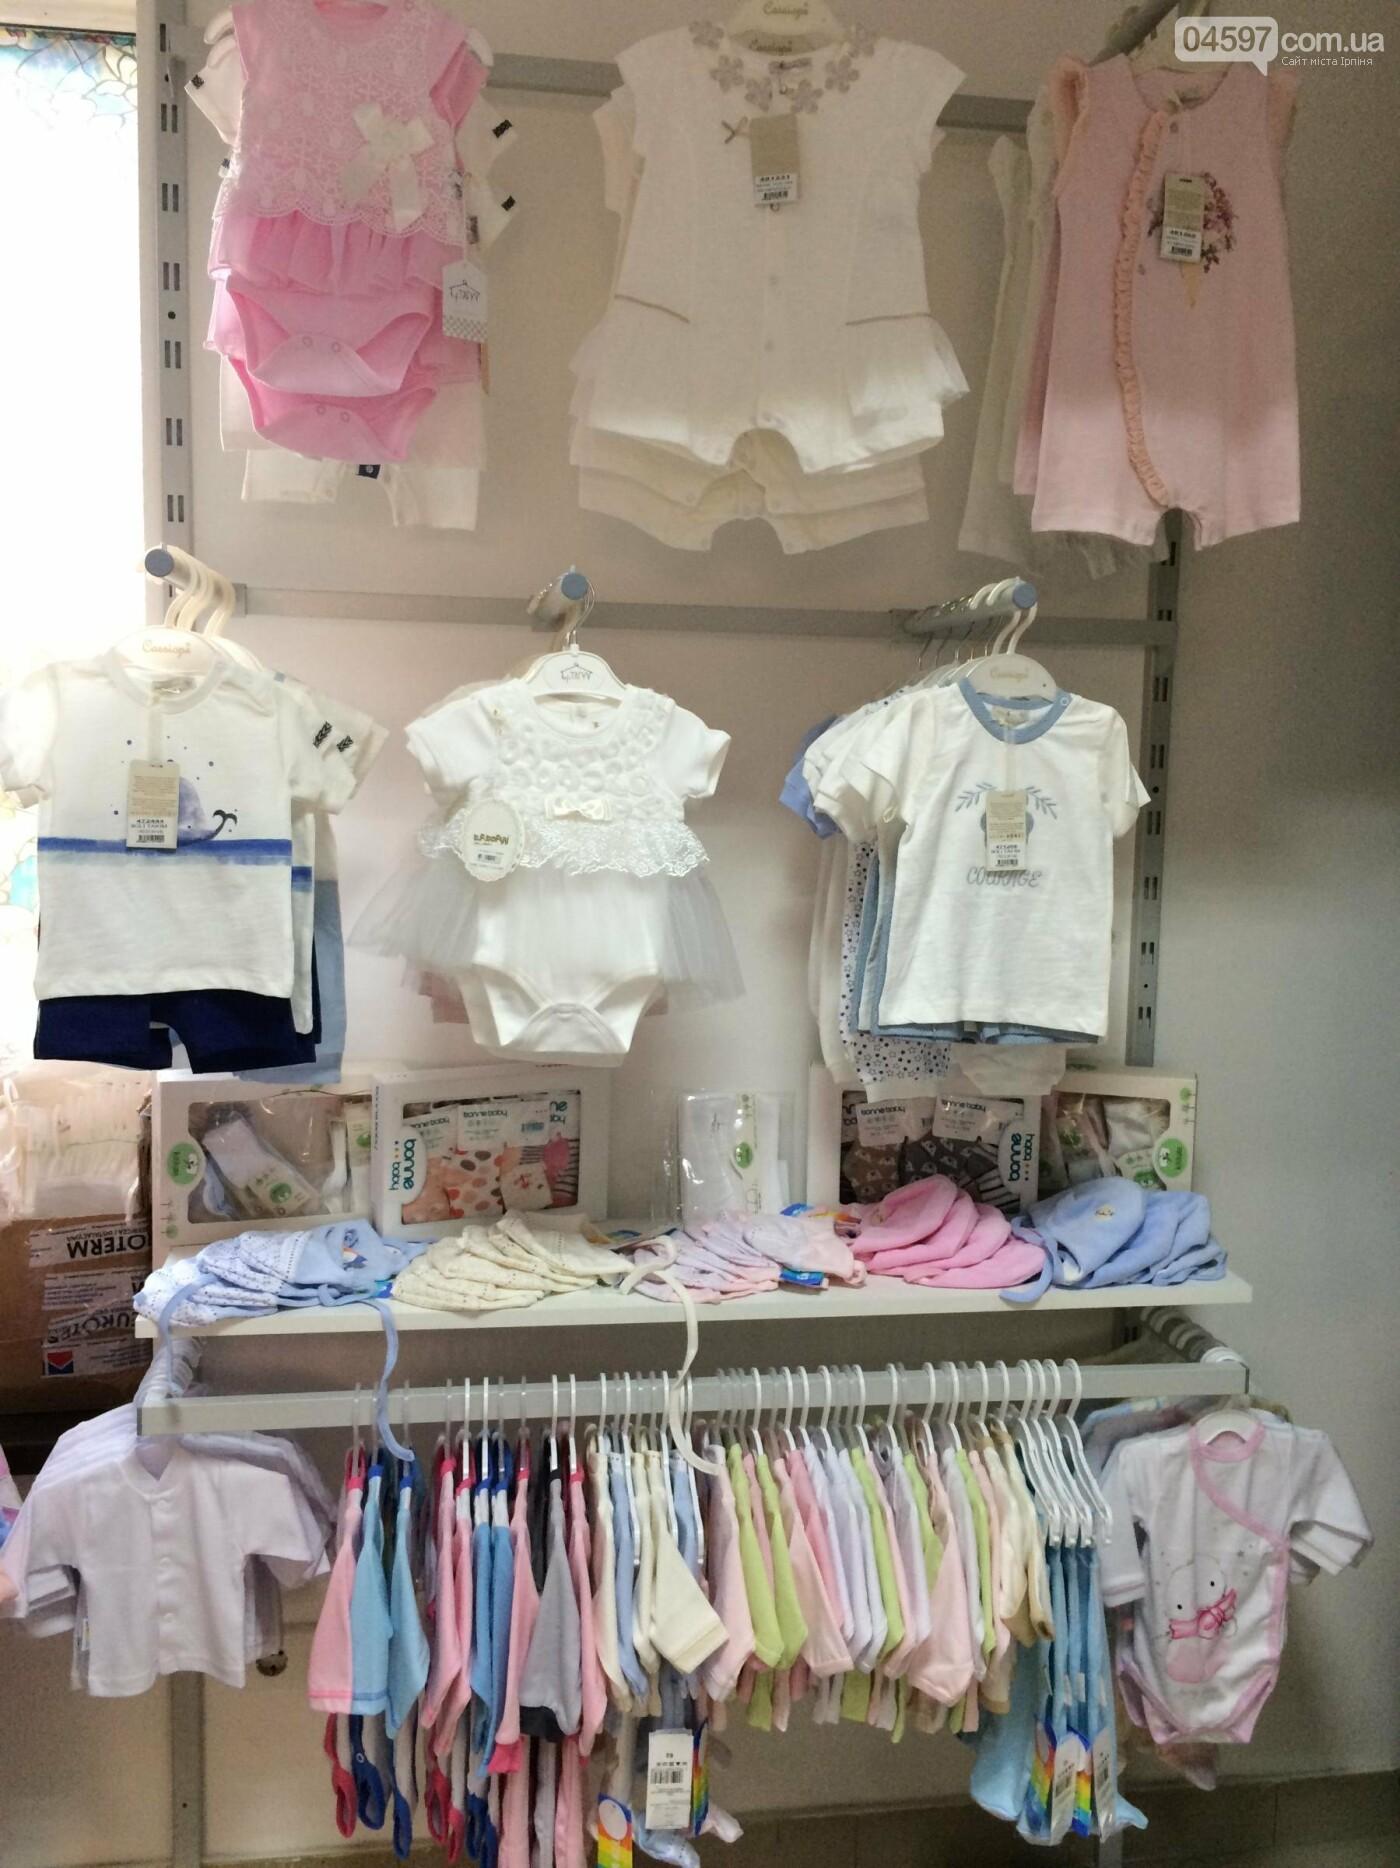 Де купити дитячий одяг в Ірпені: асортимент та ціни, фото-47